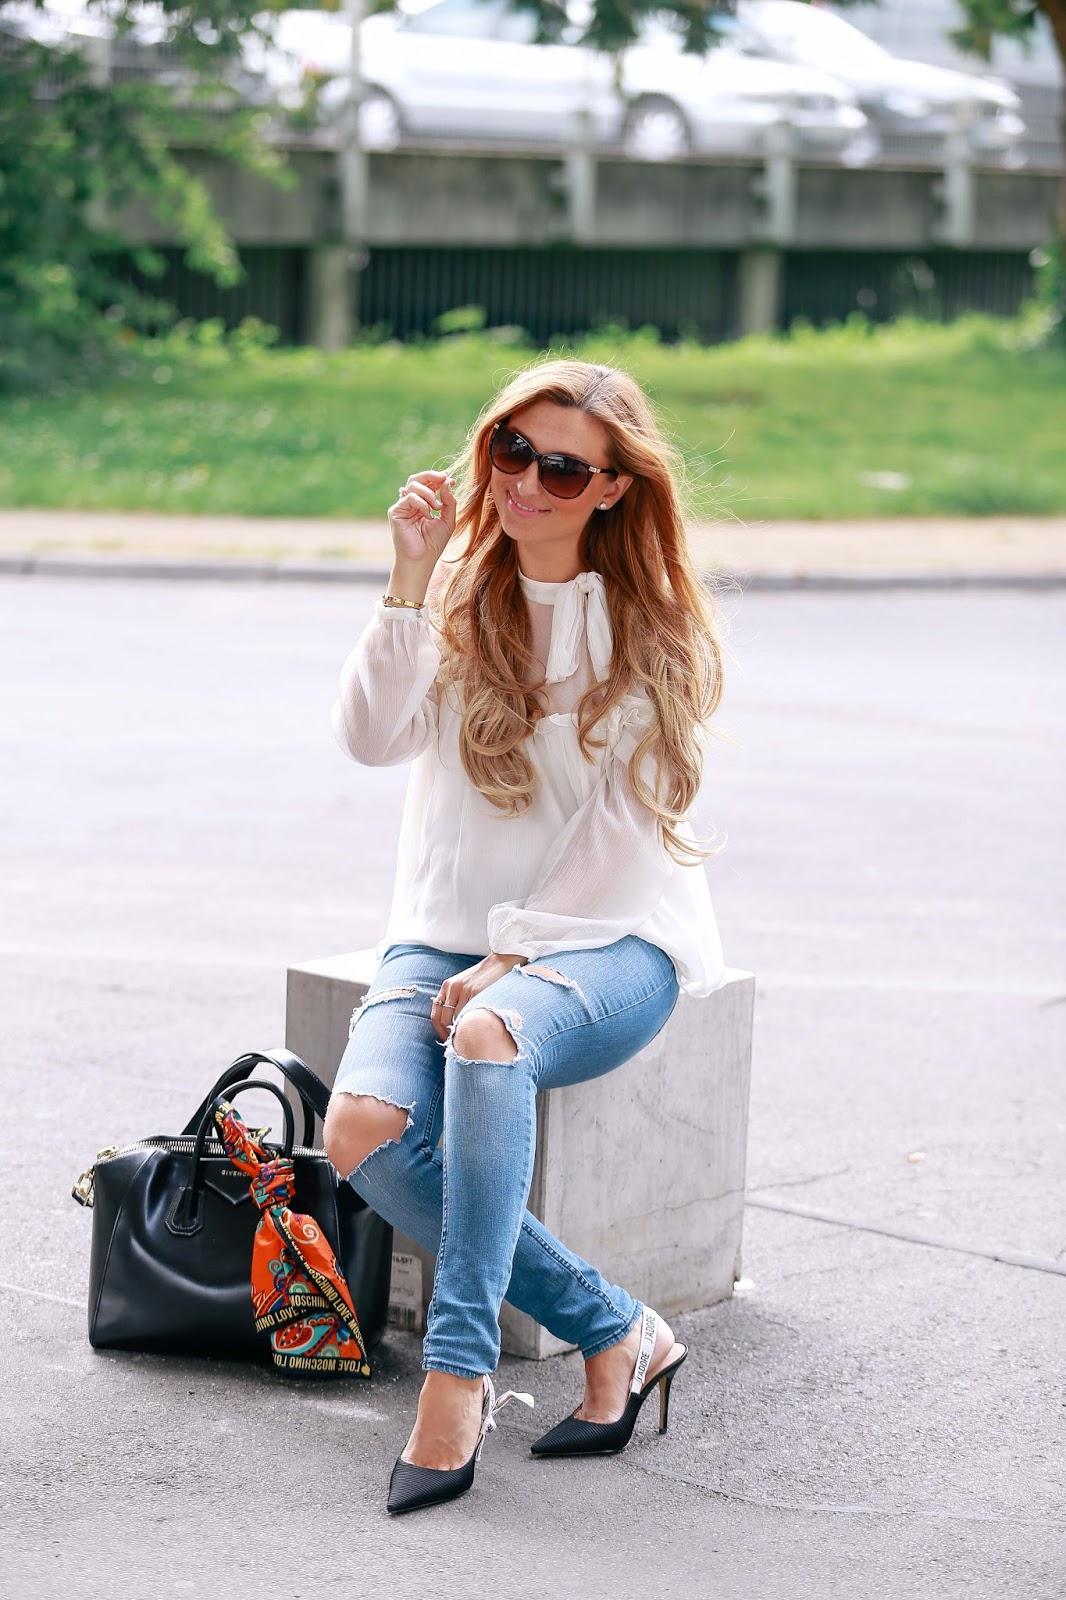 dior-jadore-high-heels-schwarz-fashionstylebyjohanna-fashionblogger-aus-frankfurt-icard-givenchy-antigona-mit-tuch-blogger-deutsche-fashionblogger-fashionblogger-aus-deutschland